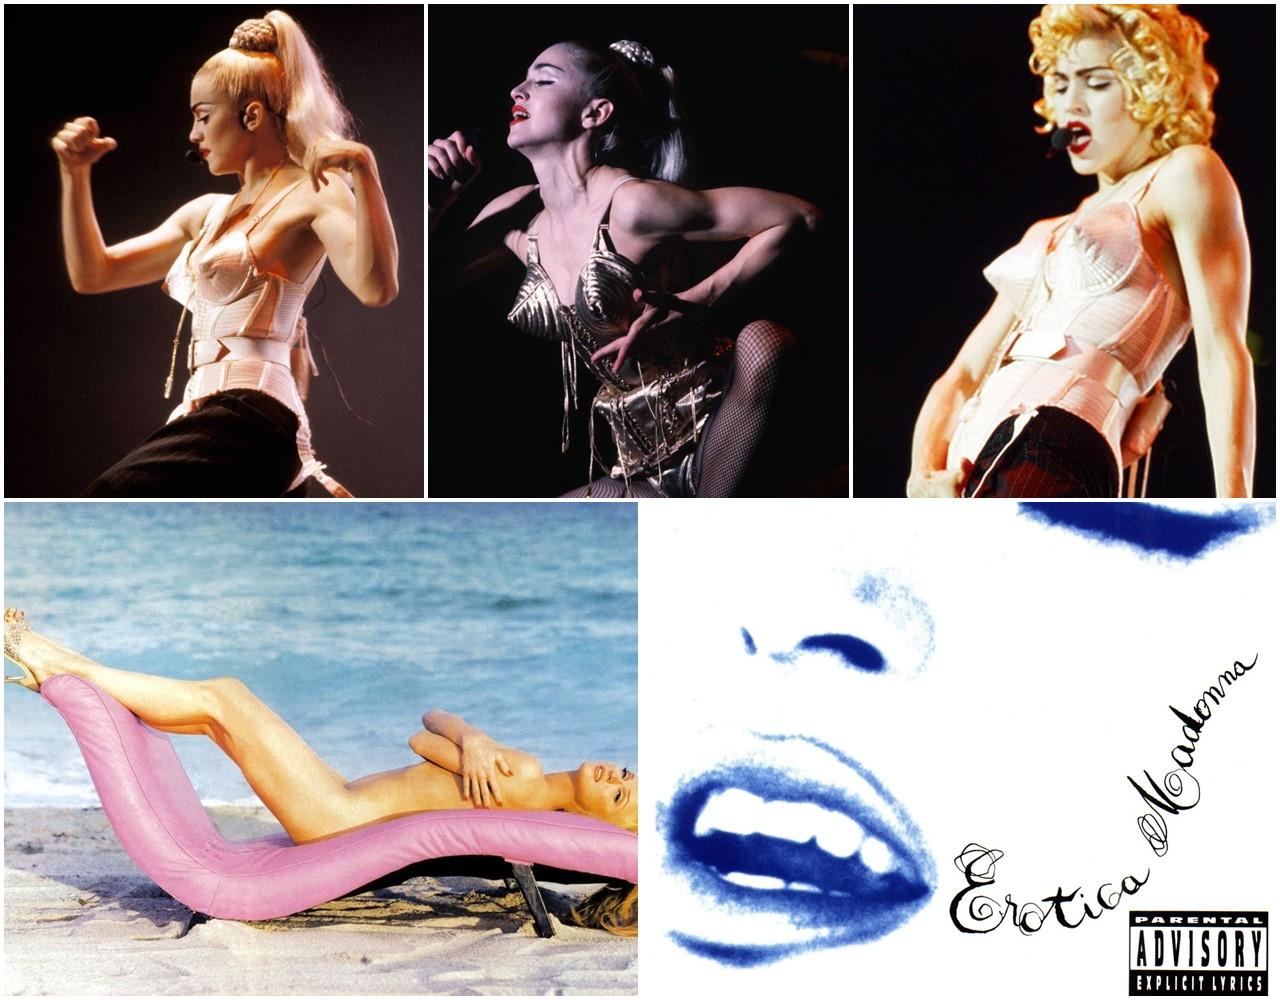 마돈나 Madonna Blond Ambition World Tour, book sex, Erotoca.jpg